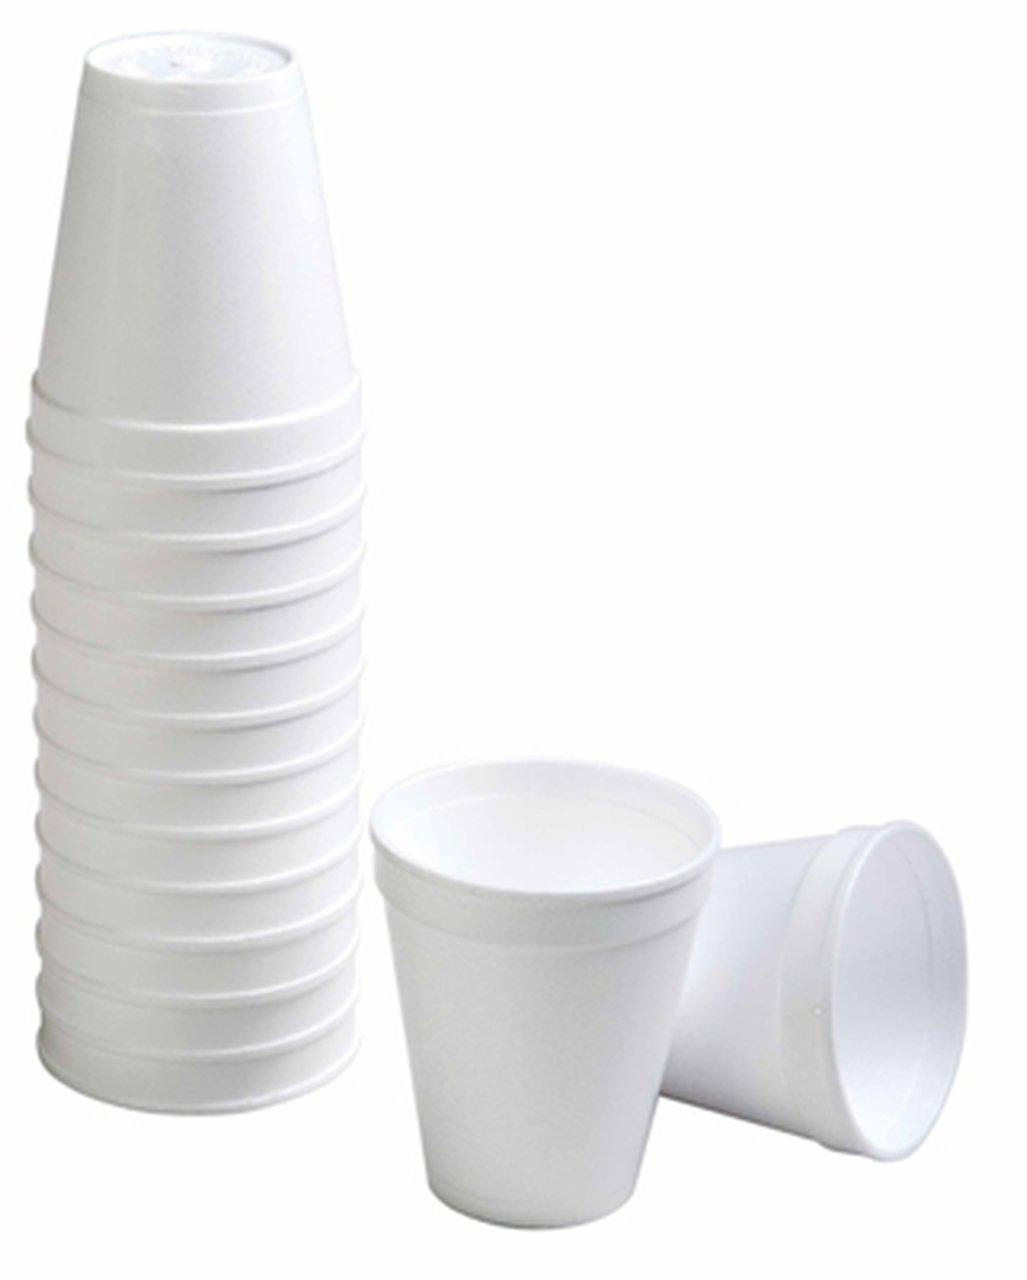 FOAM CUPS PKT 40